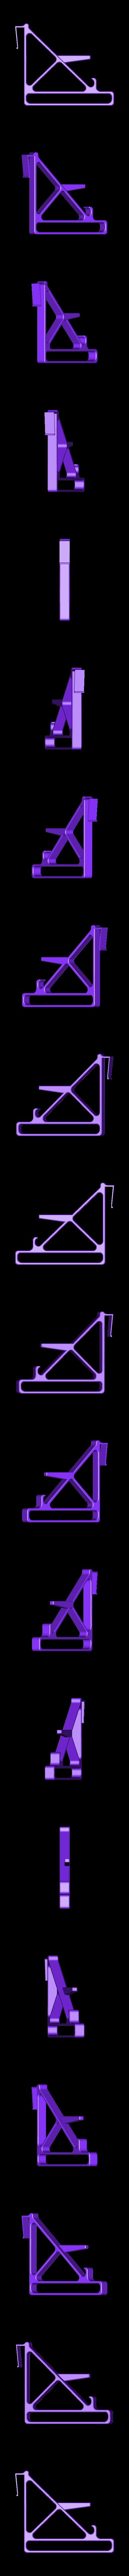 Frame_1.stl Télécharger fichier STL gratuit Perchoir à oiseaux (crochet sur la porte de l'armoire) • Modèle imprimable en 3D, ShockyBugs